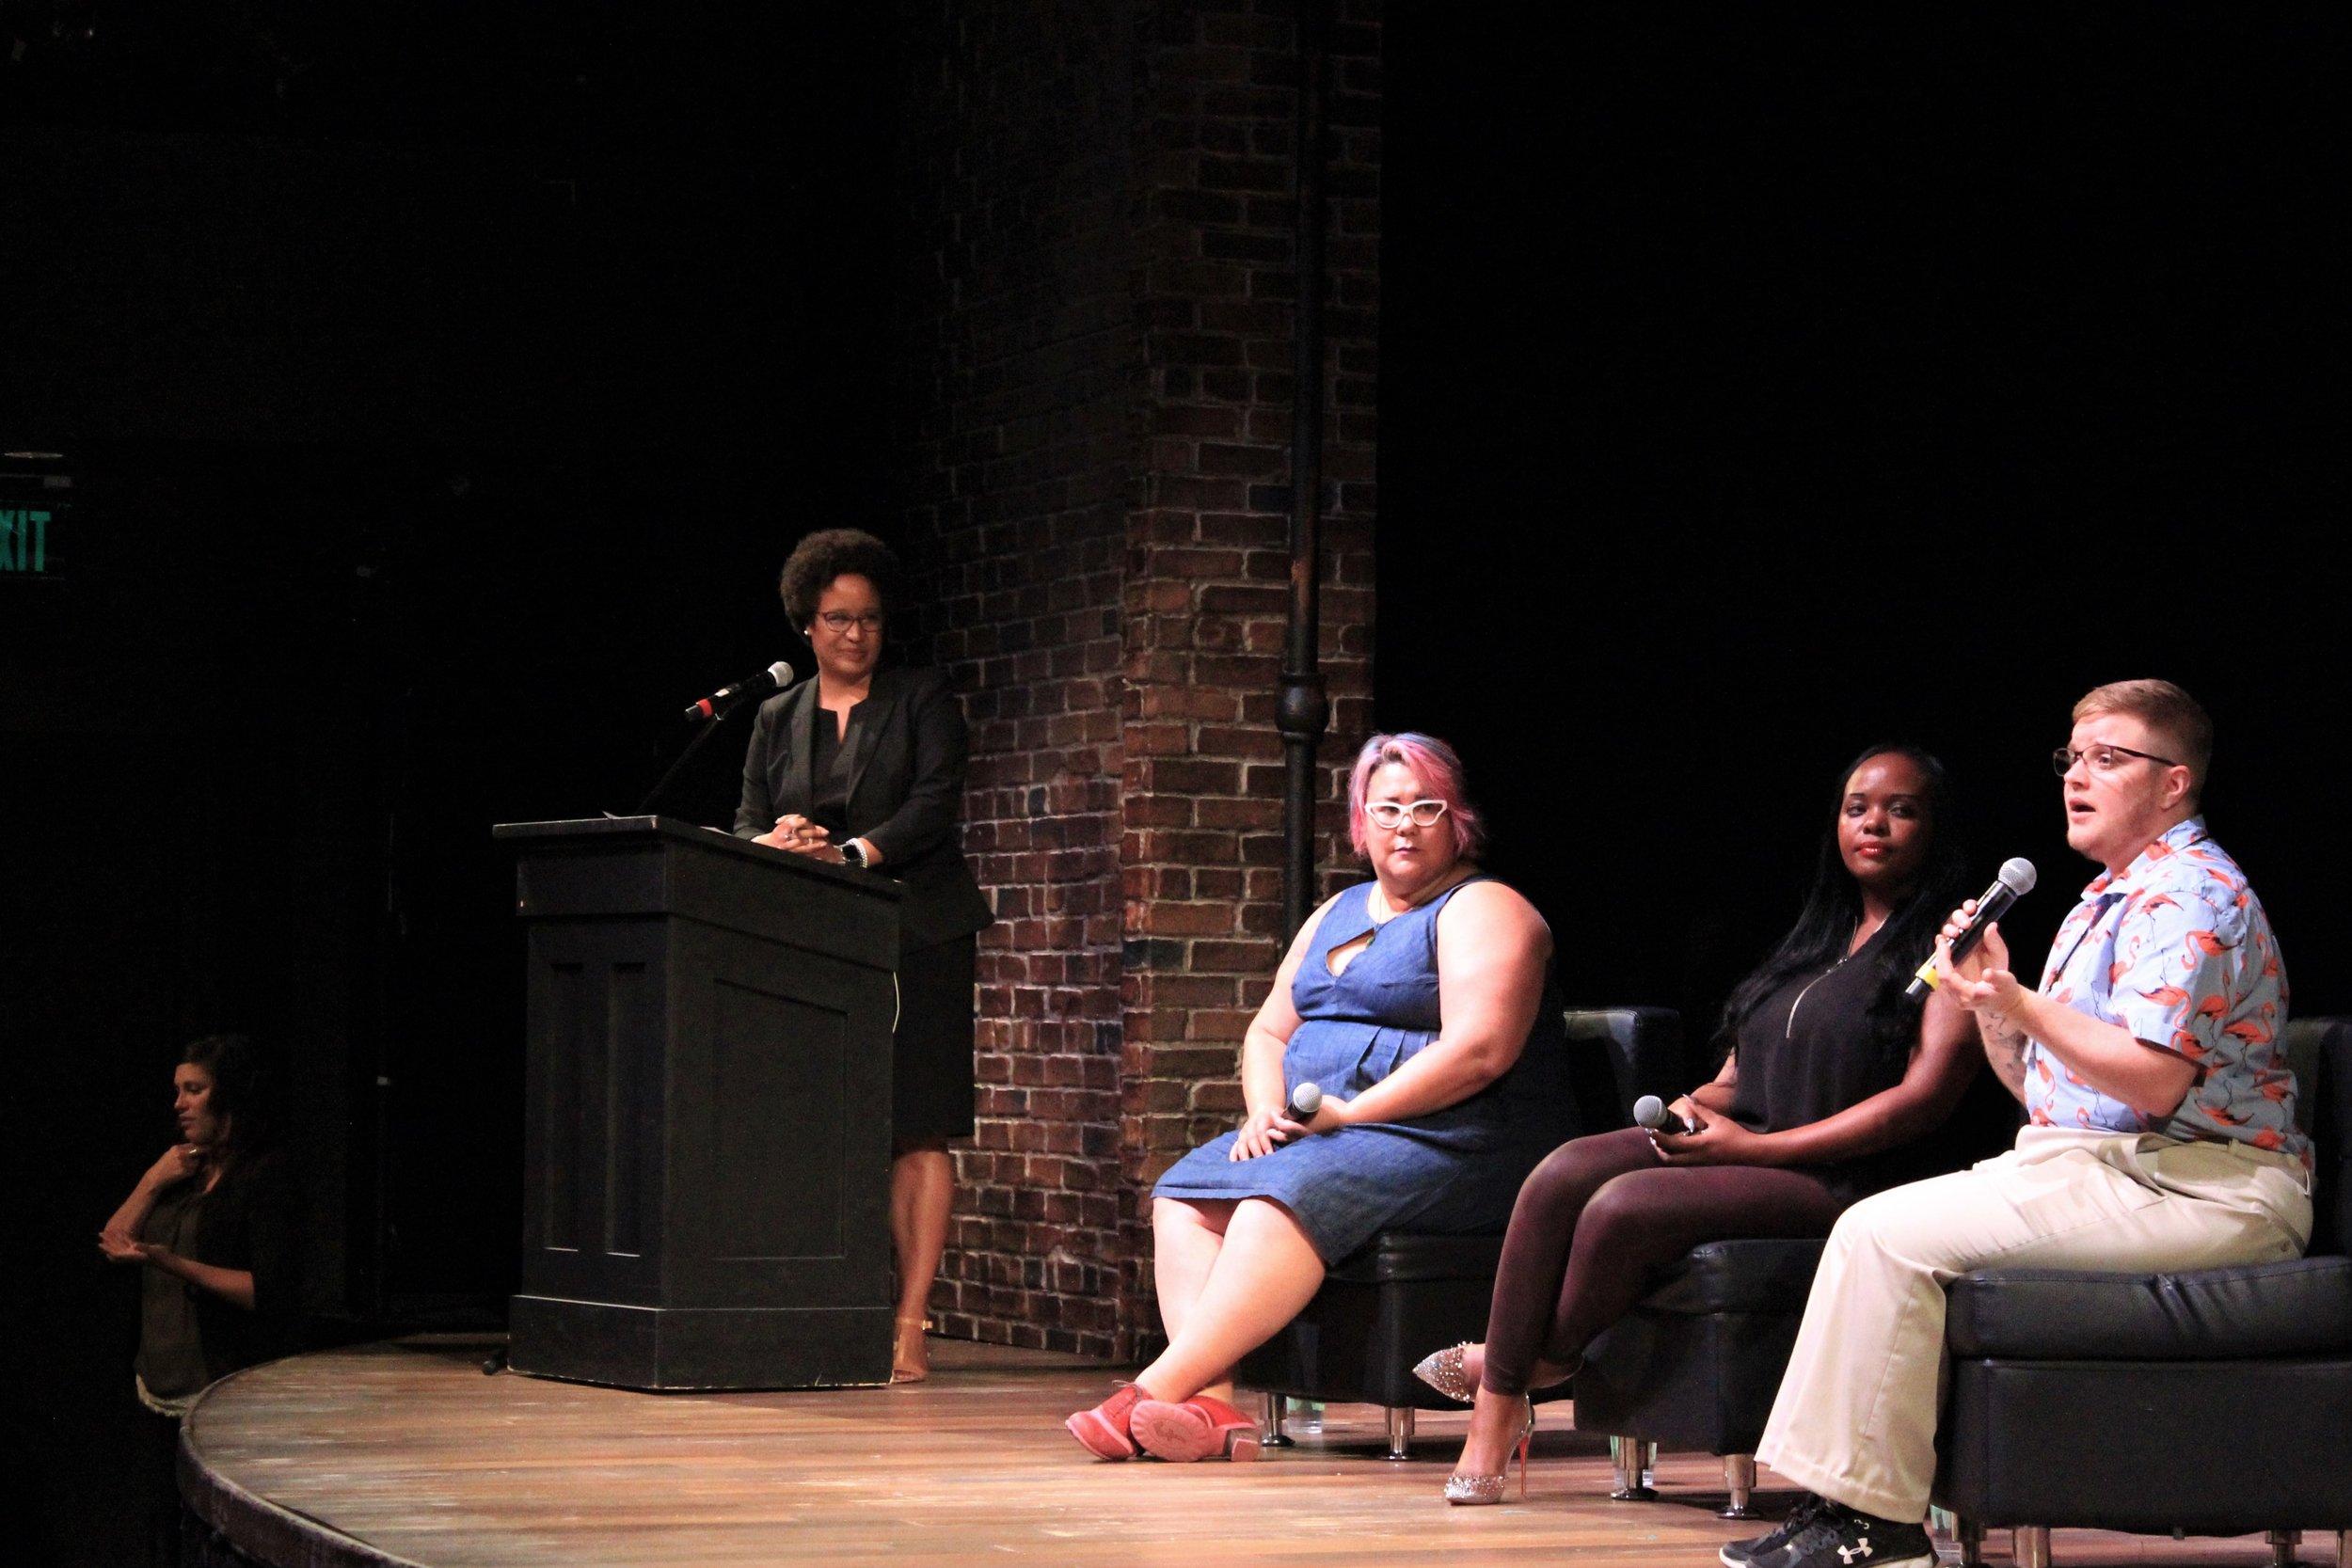 Panel speakers on stage (2).jpg